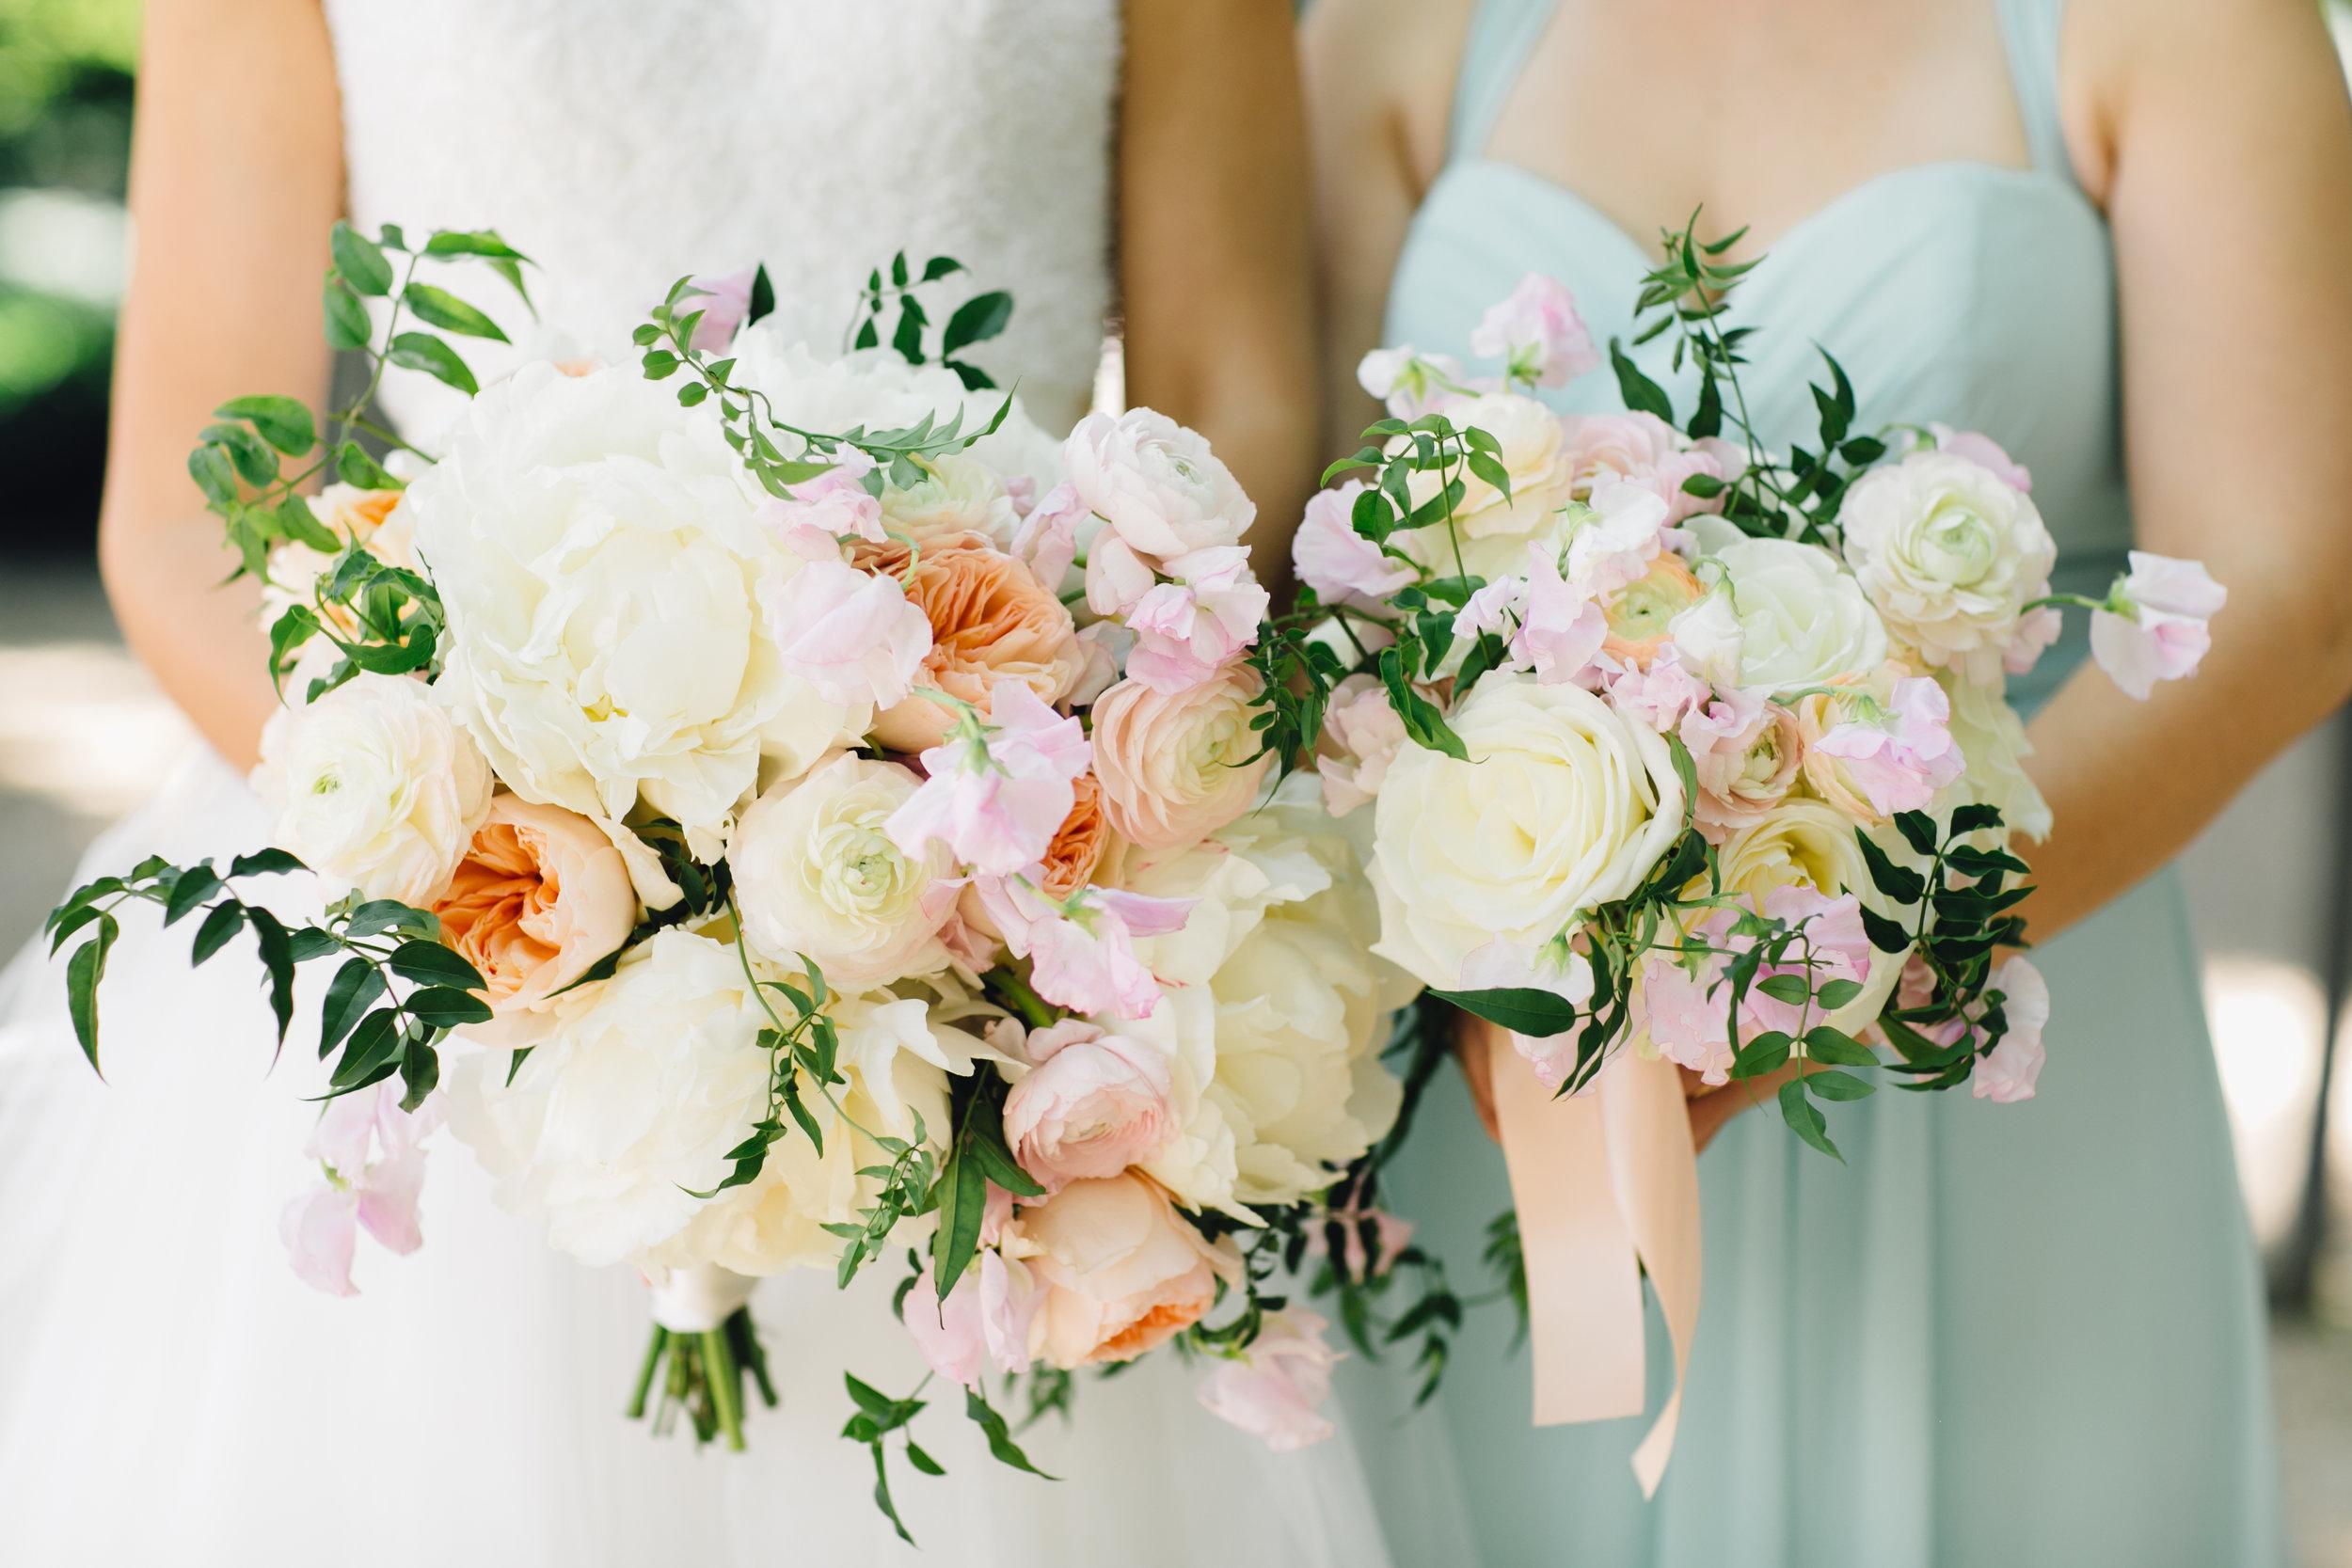 B Floral DC garden style bouquet